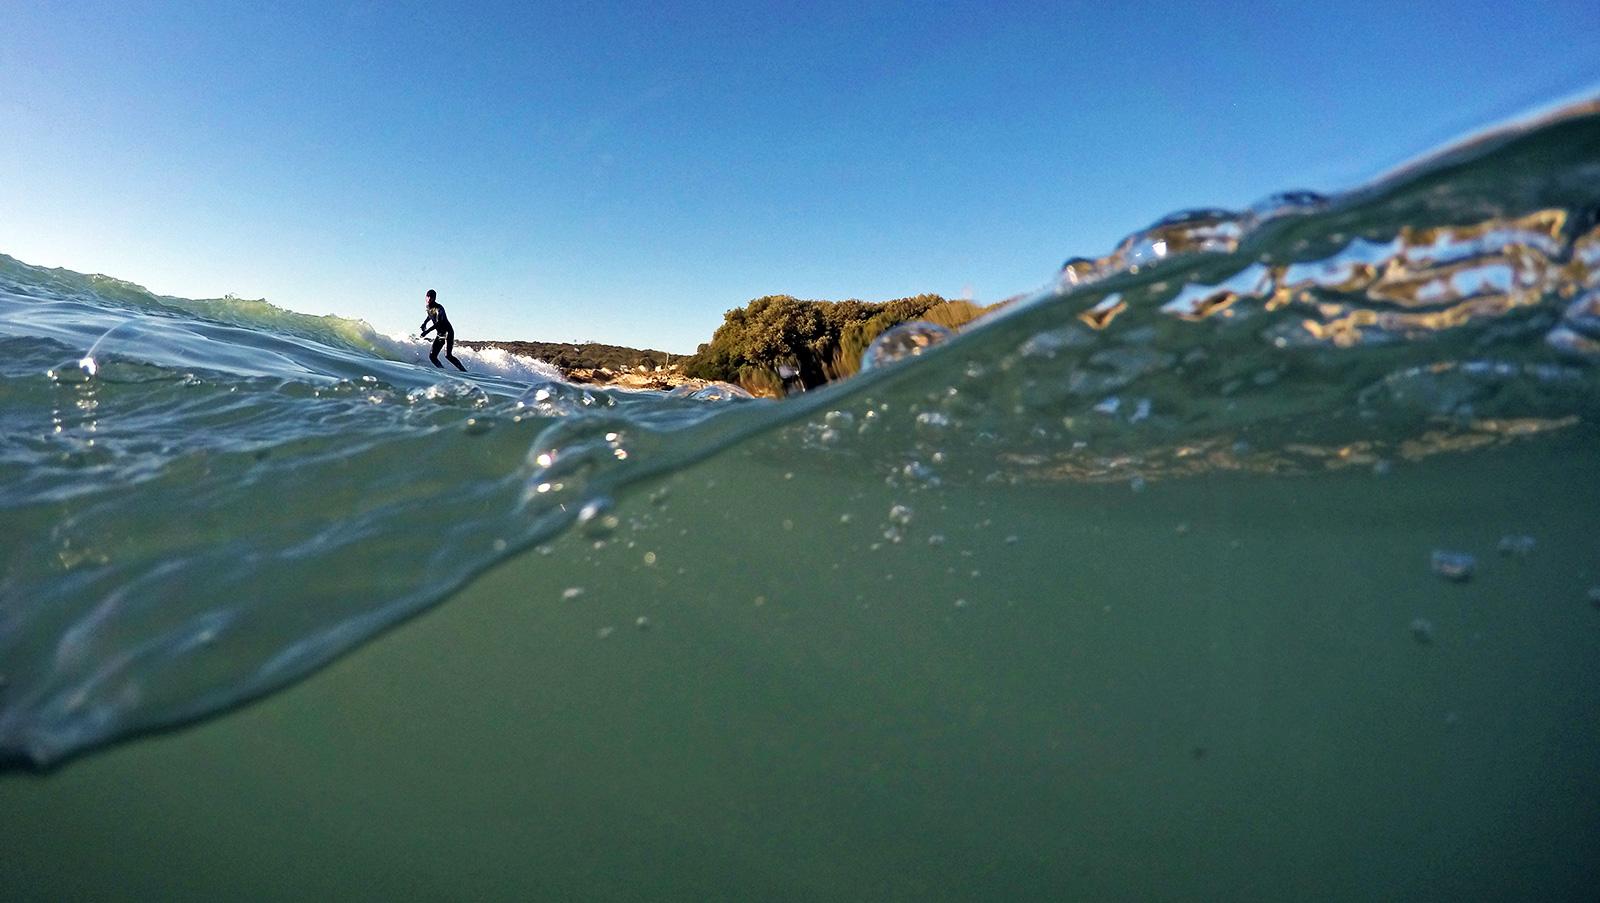 How to Shoot Over Under Underwater Photos | WETSUIT MEGASTORE